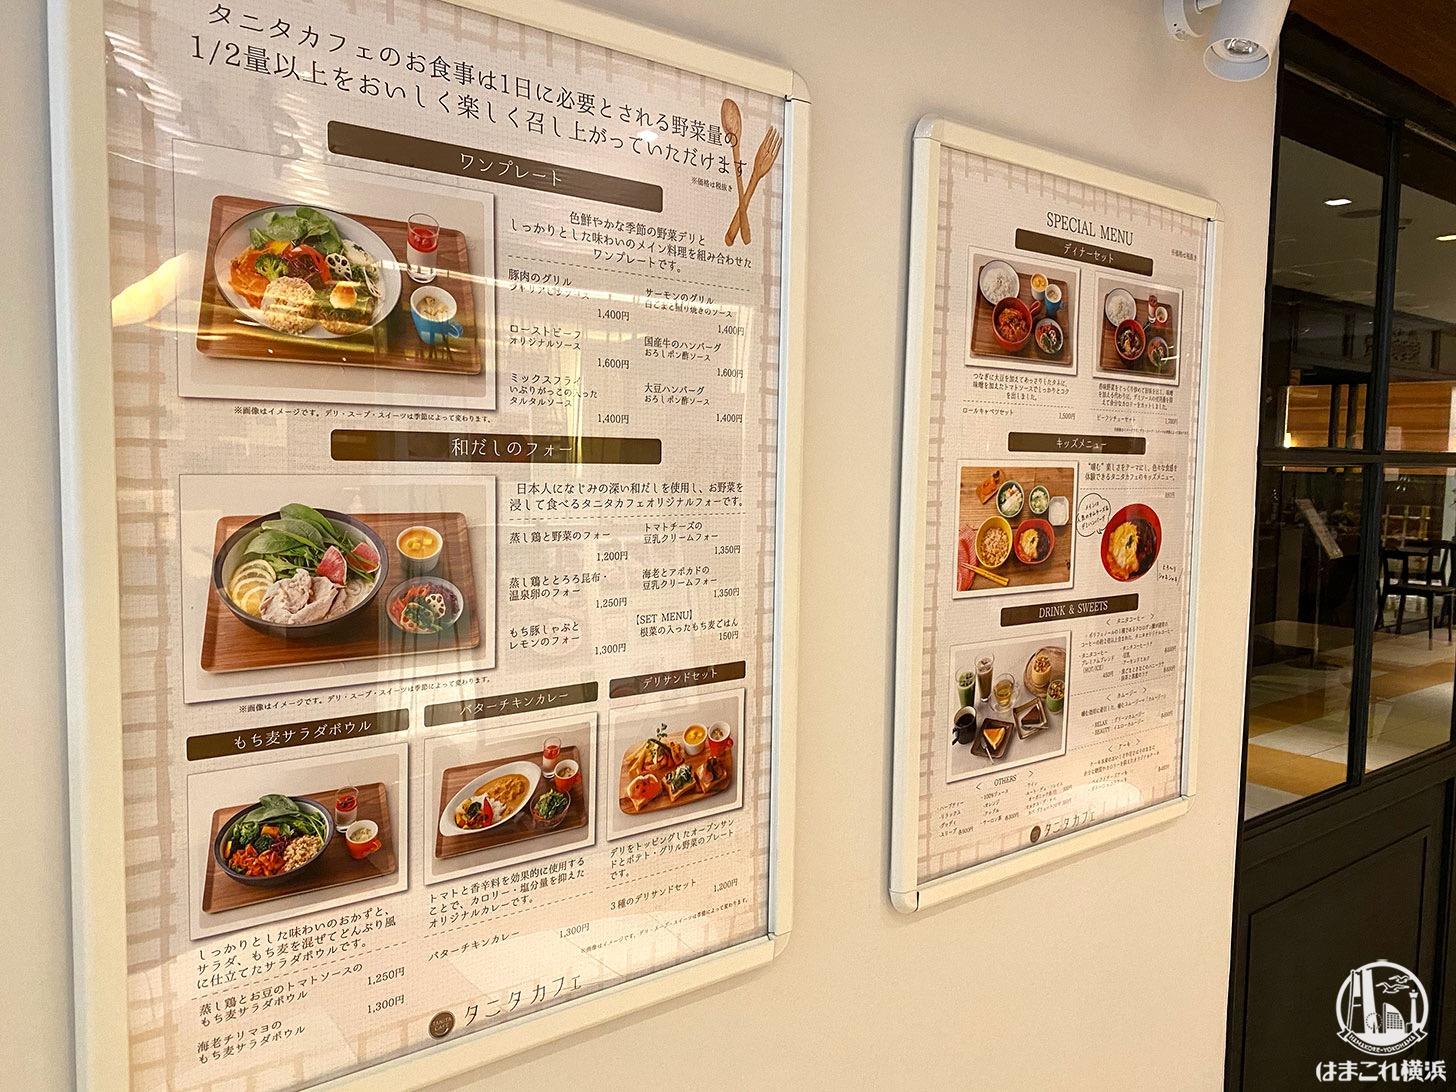 タニタカフェそごう横浜店 メニュー